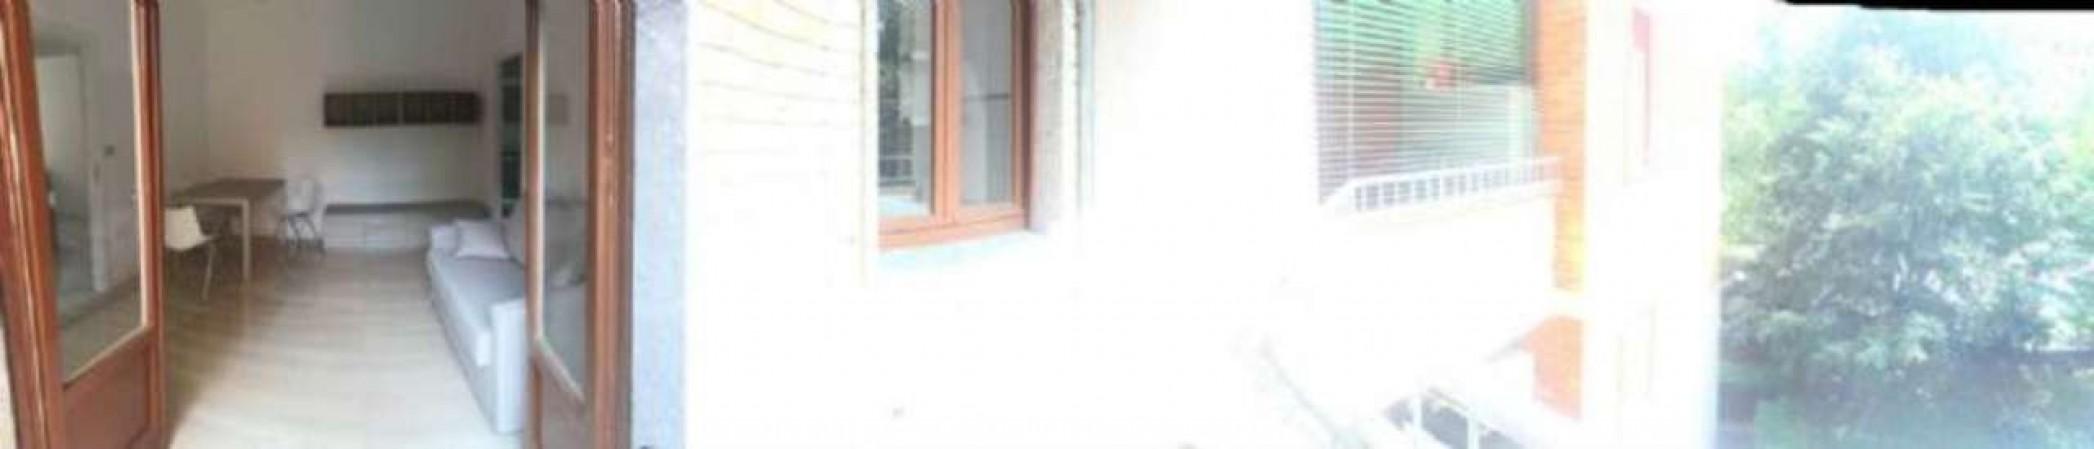 Appartamento in affitto a Milano, Lorenteggio, 75 mq - Foto 5